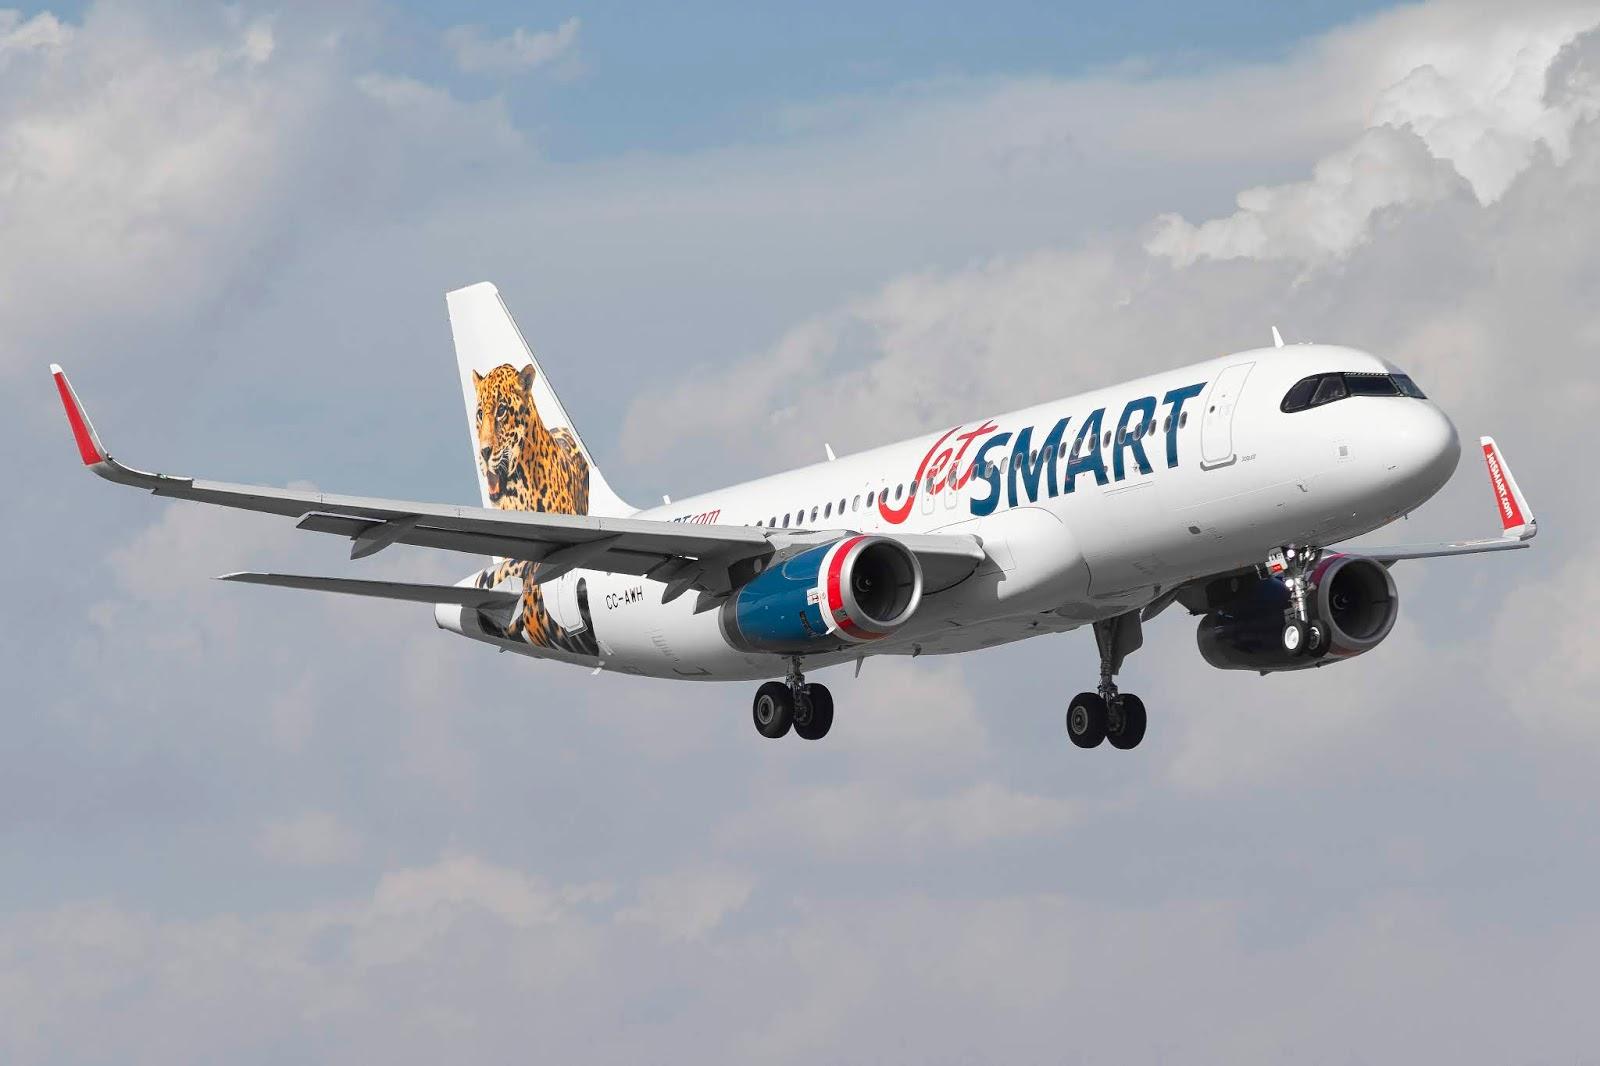 JetSMART chega ao Brasil com voos a partir de São Paulo, Foz do Iguaçu e Salvador para o Chile | É MAIS QUE VOAR